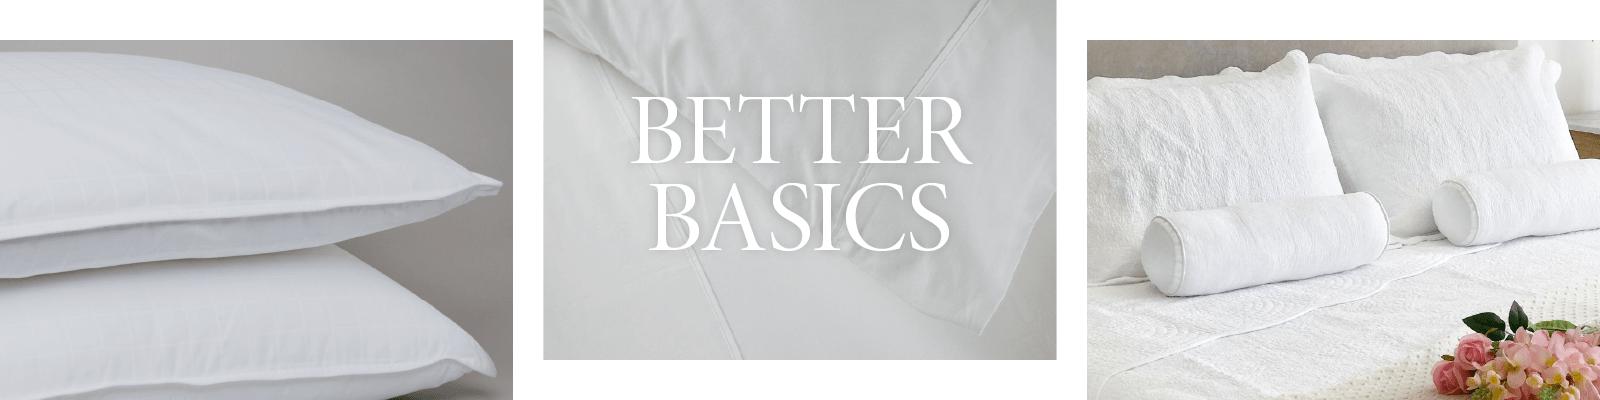 Better Basics